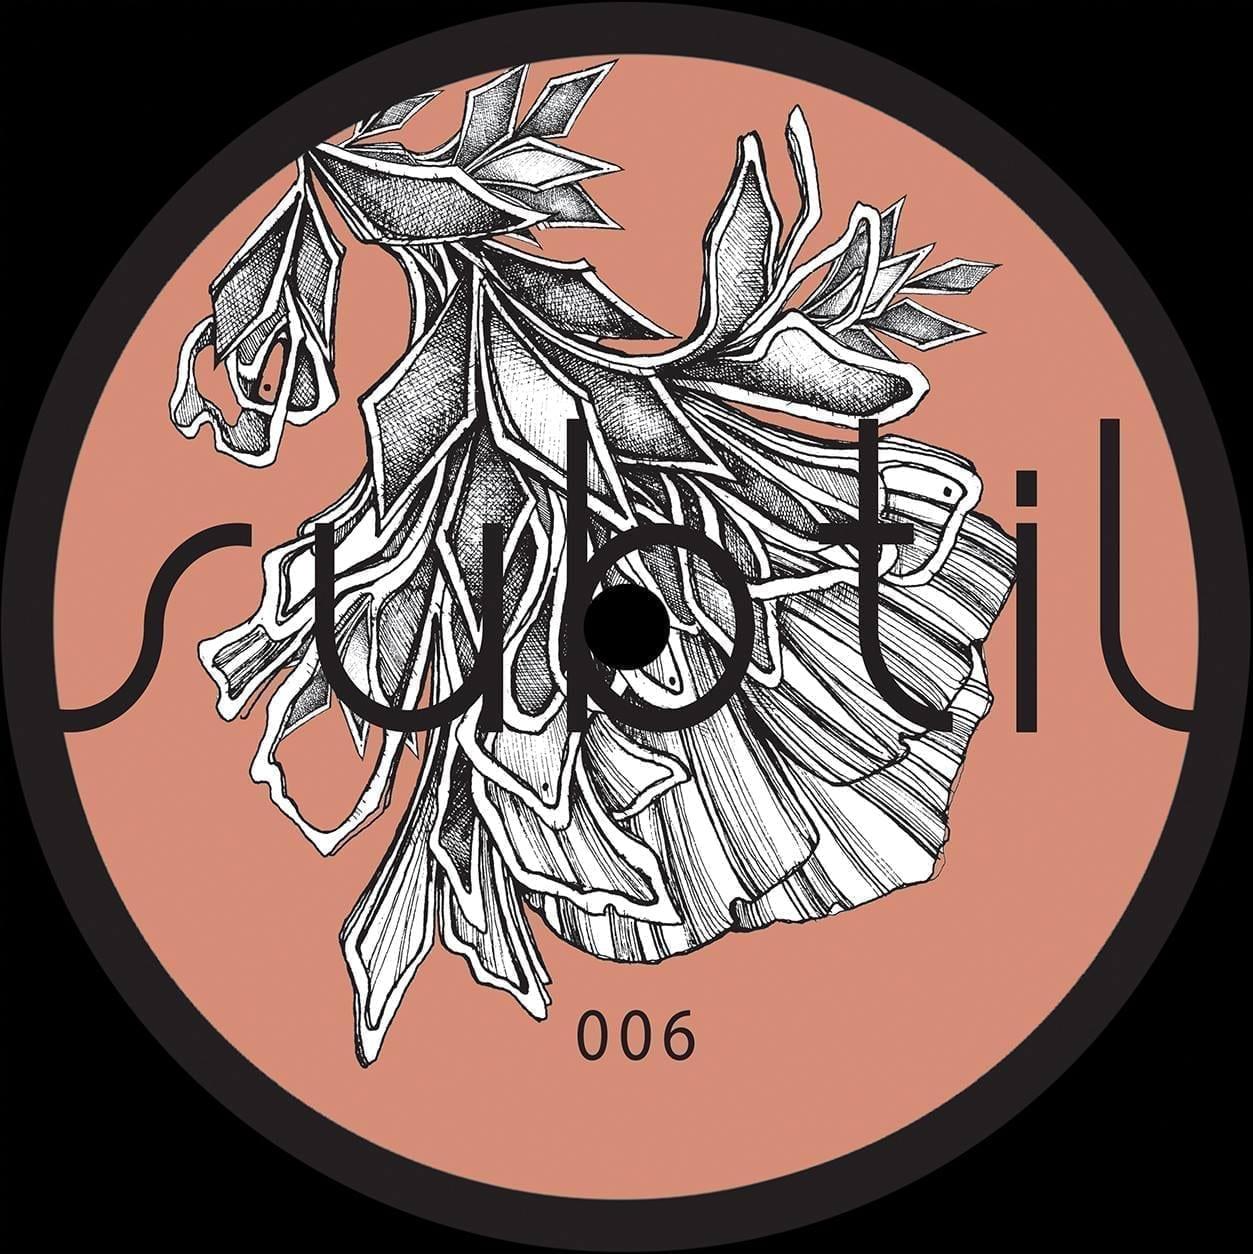 Julian - Metamorfoze EP | SBTL006